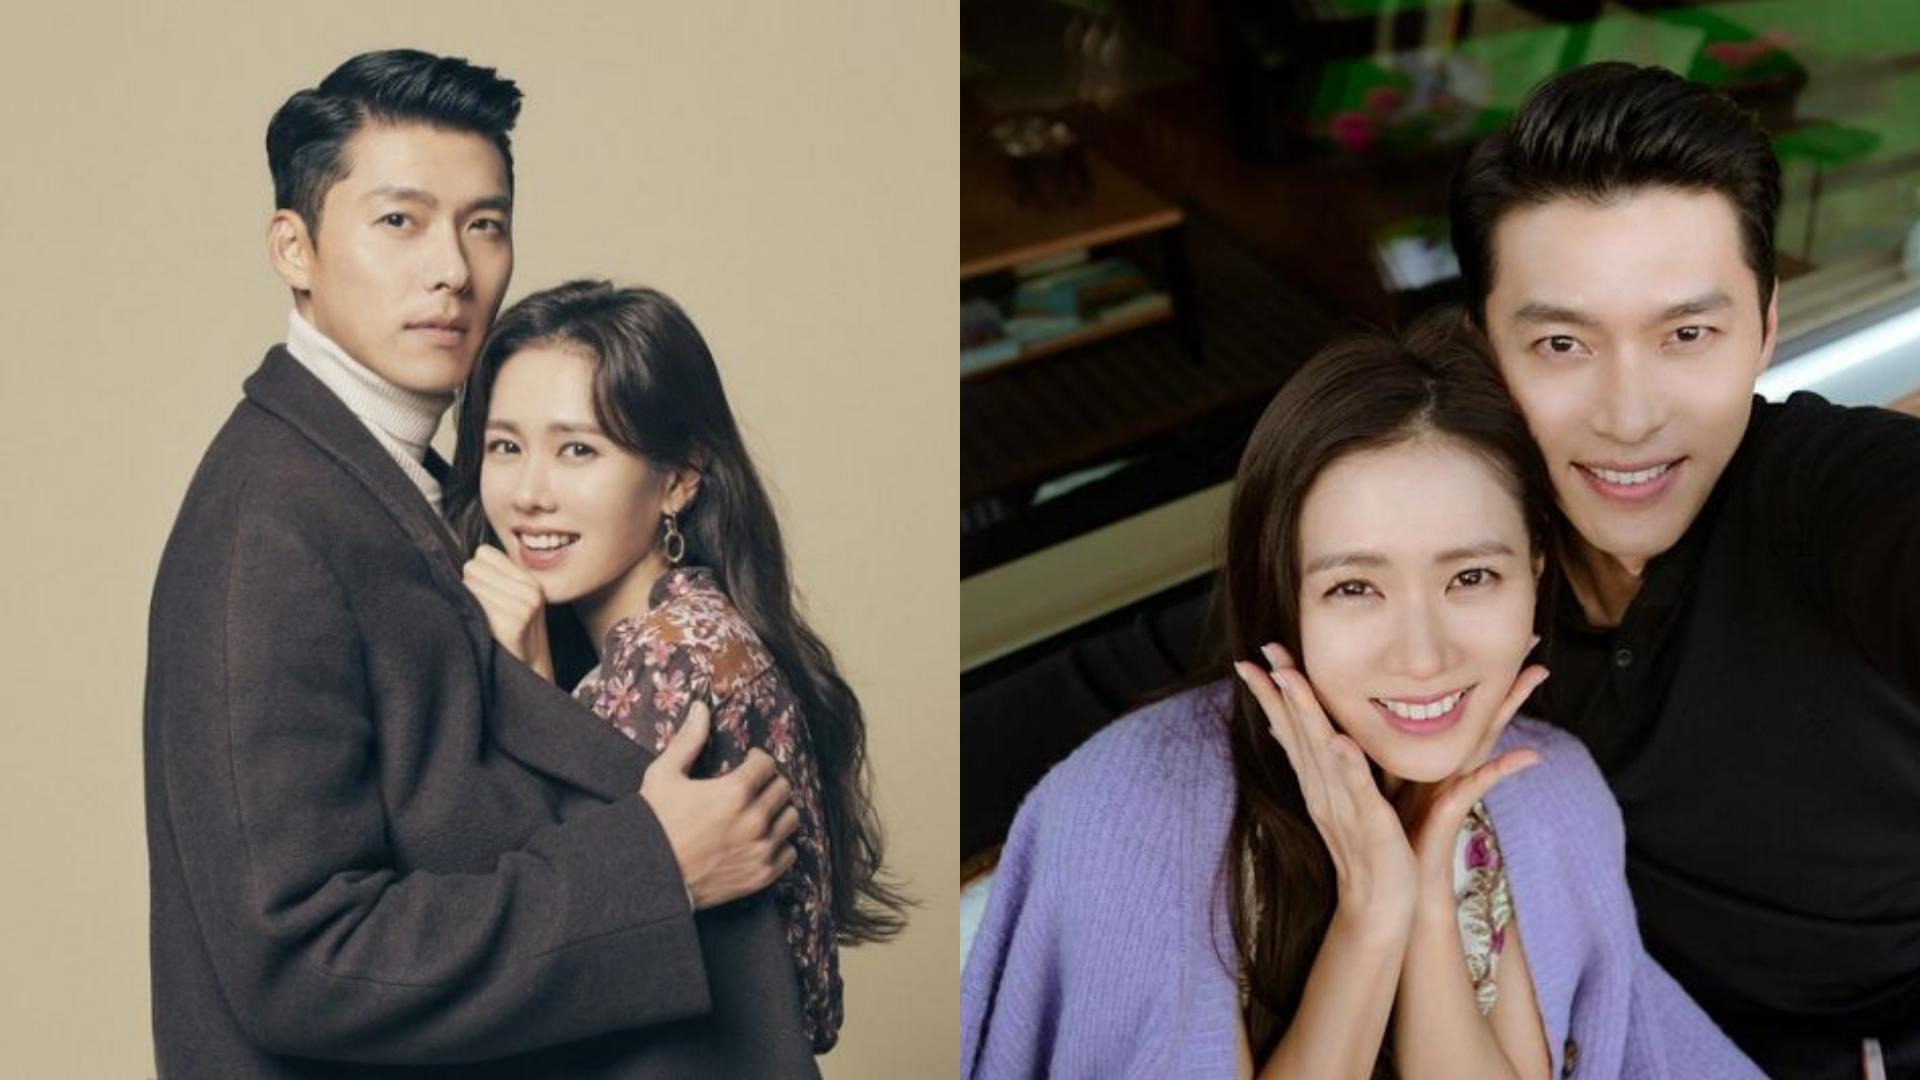 玄彬和孫藝珍是很多網友都看好真的交往的螢幕情侶!